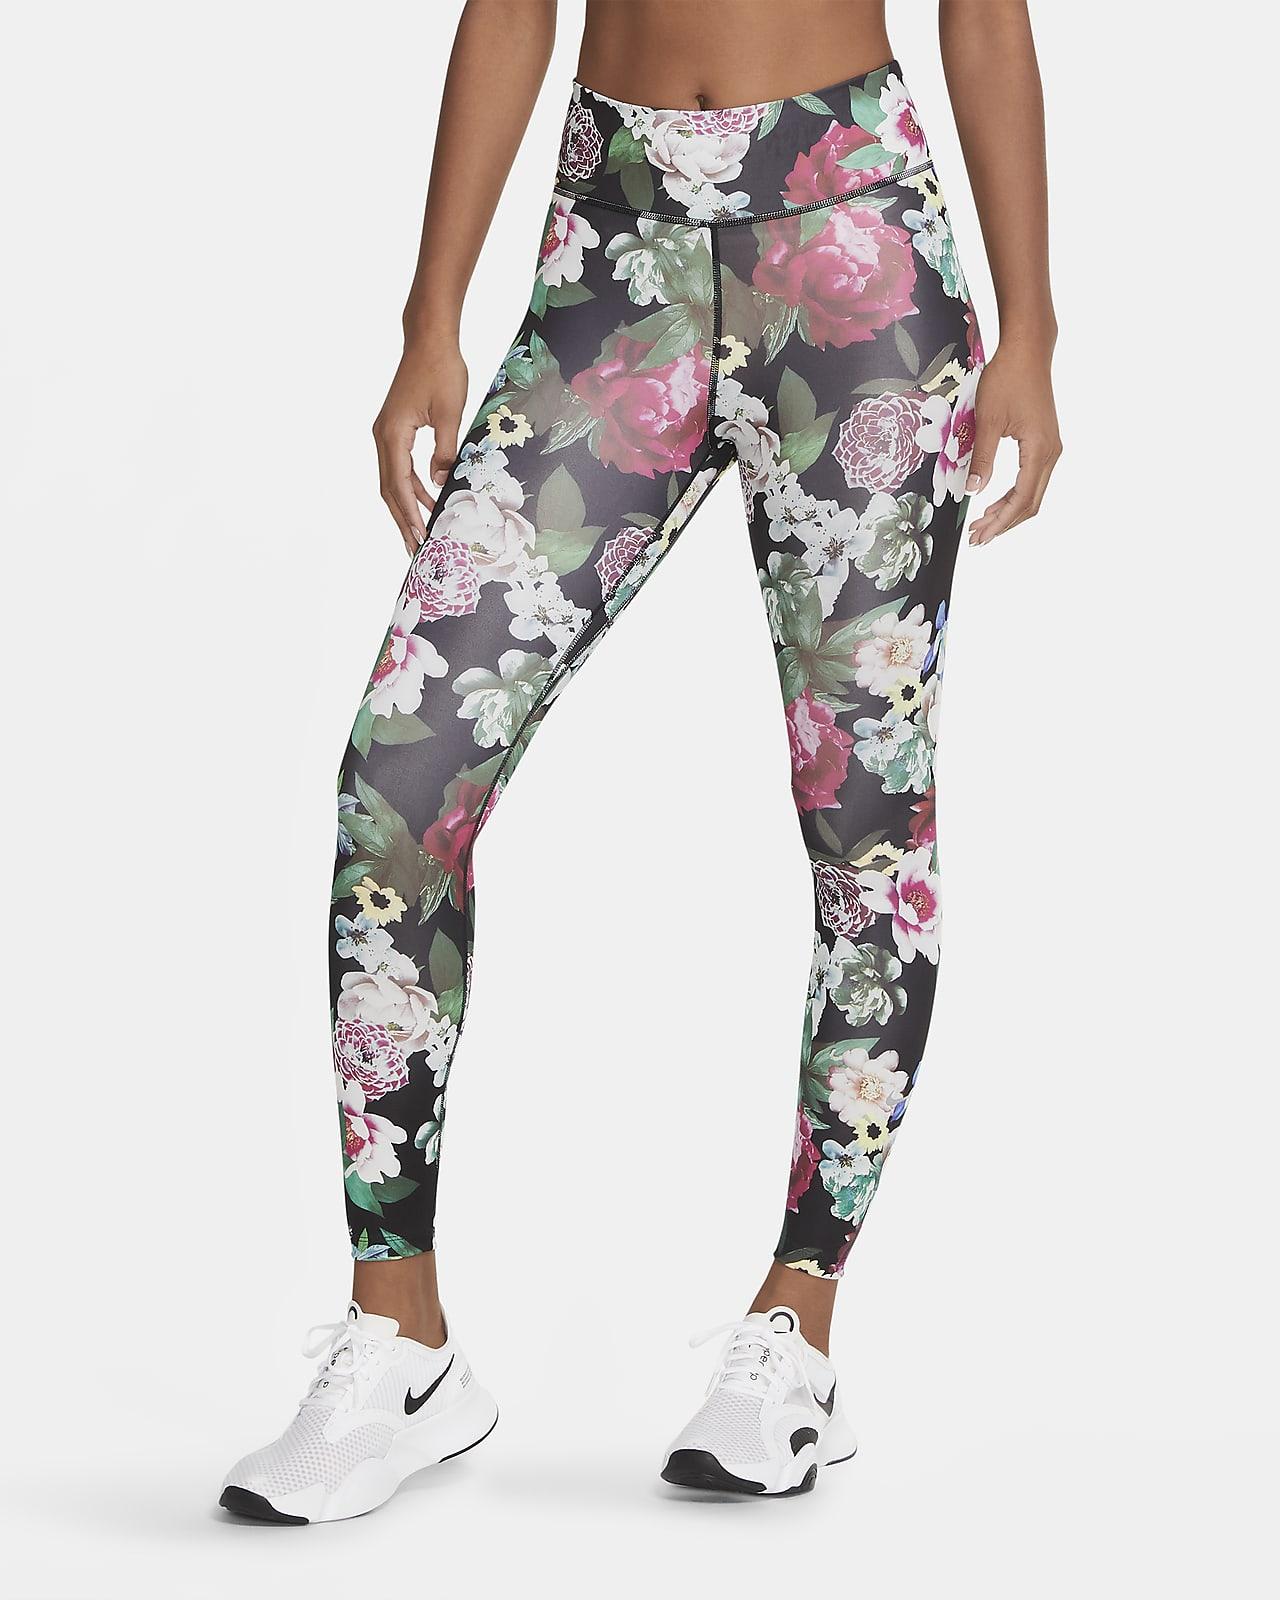 Nike One 7/8-Tights mit Blumenmuster für Damen